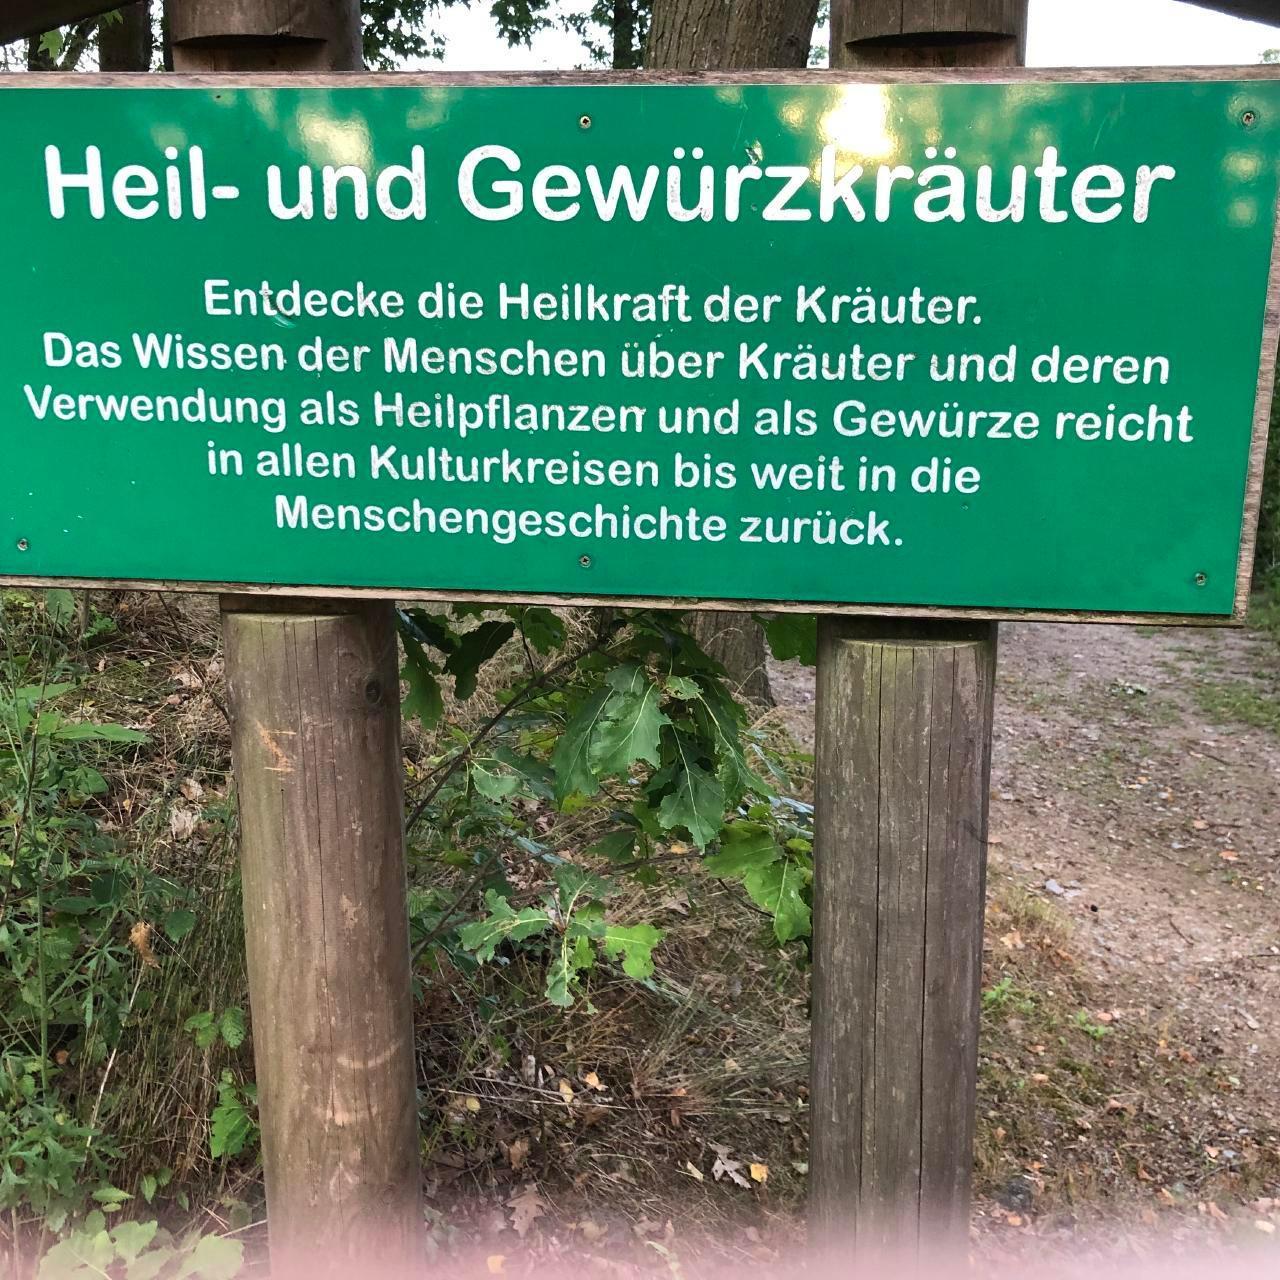 Ferienhaus mit großen Garten und herrlicher Aussicht; Haustiere willkommen, High-Speed-Internet, Wasc (507240), Zandt, Bayerischer Wald, Bayern, Deutschland, Bild 18